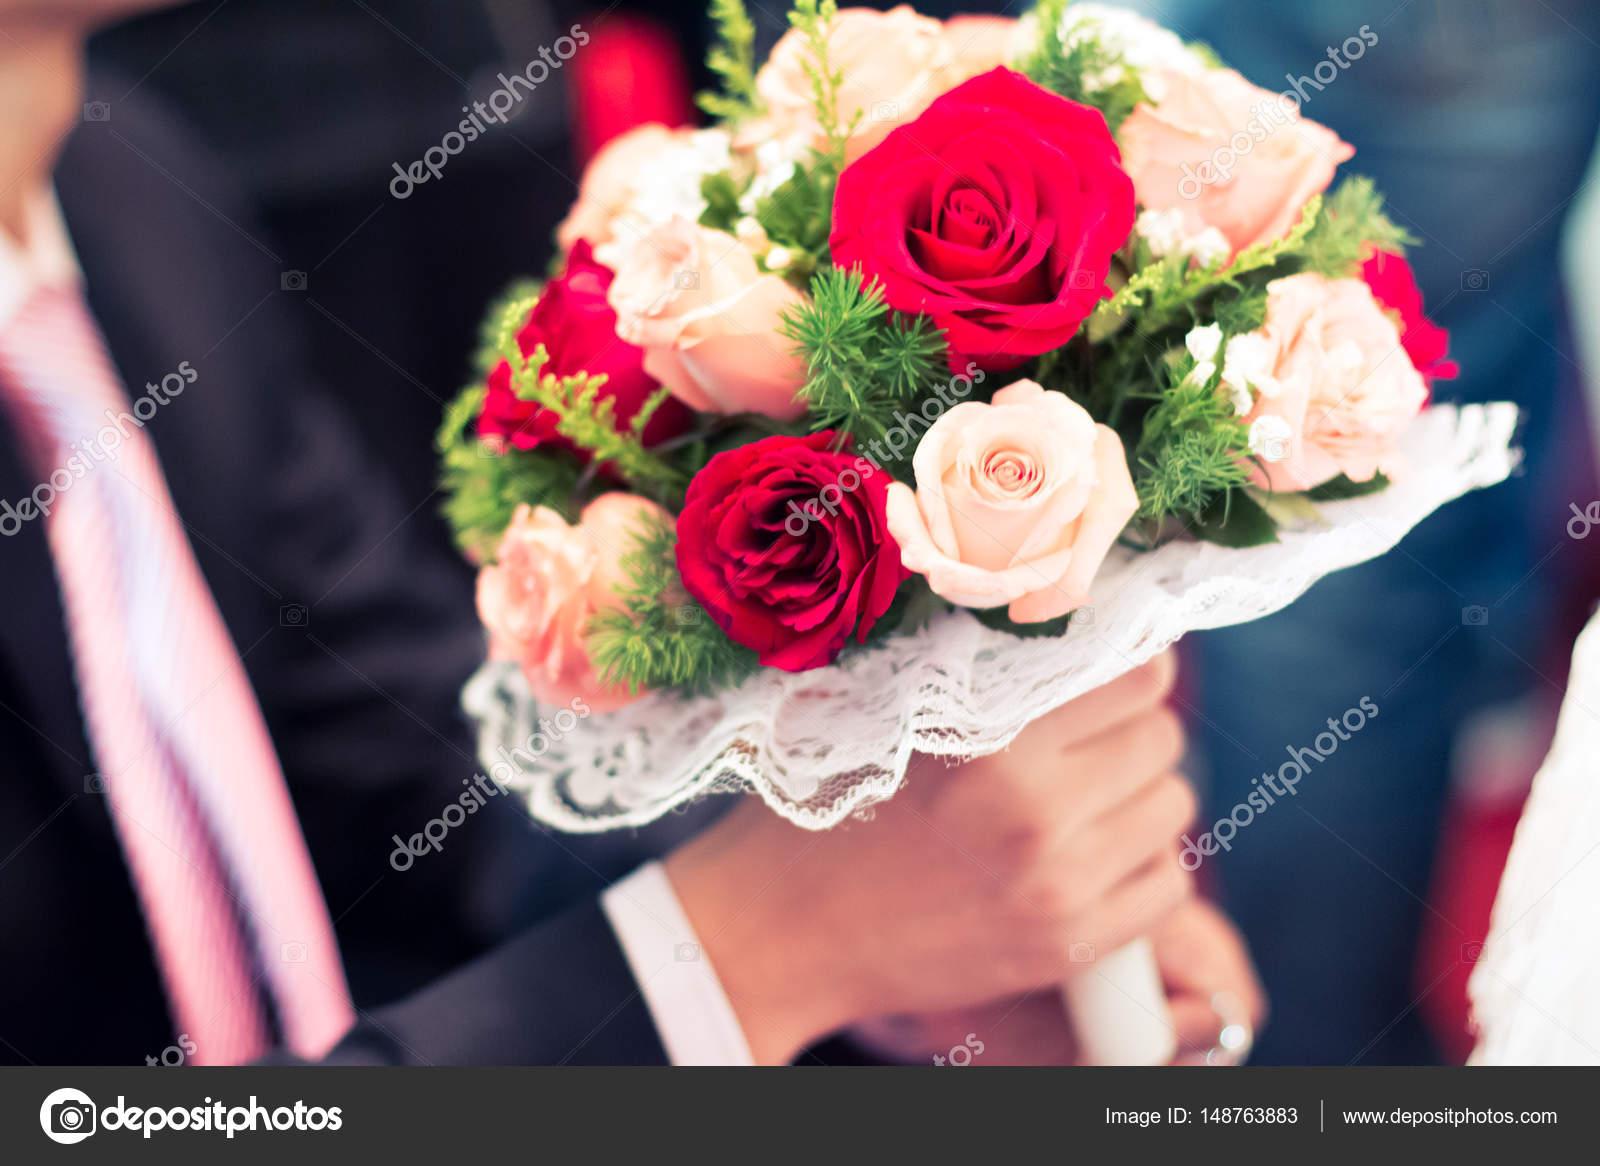 Beautiful fresh flowers on wedding stock photo zhudifeng 148763883 beautiful bunch of fresh flowers in hands on wedding photo by zhudifeng izmirmasajfo Gallery